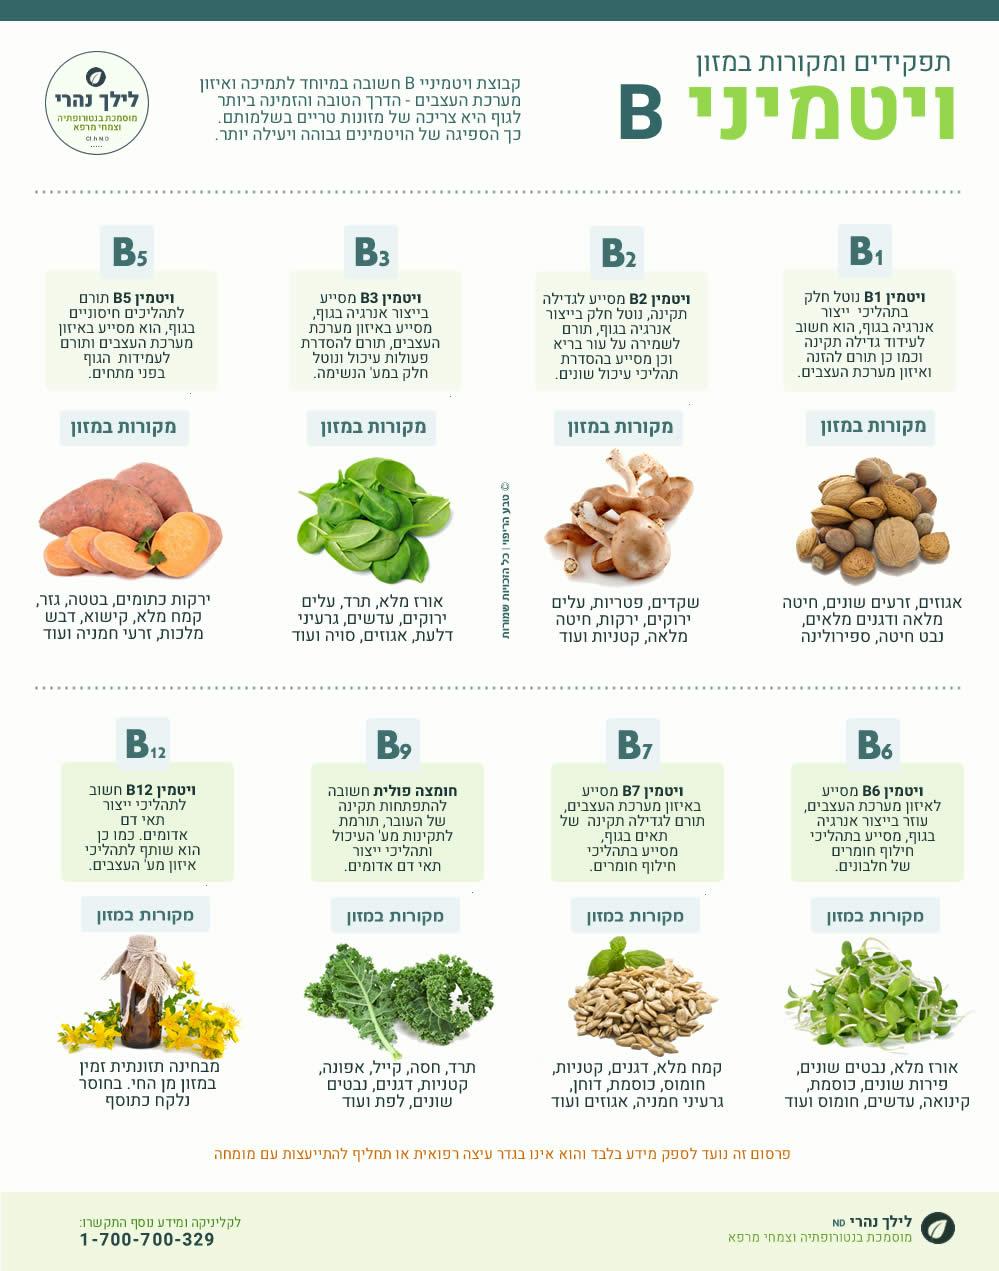 ויטמיני B - חשיבות - תפקידים ומקורות במזון